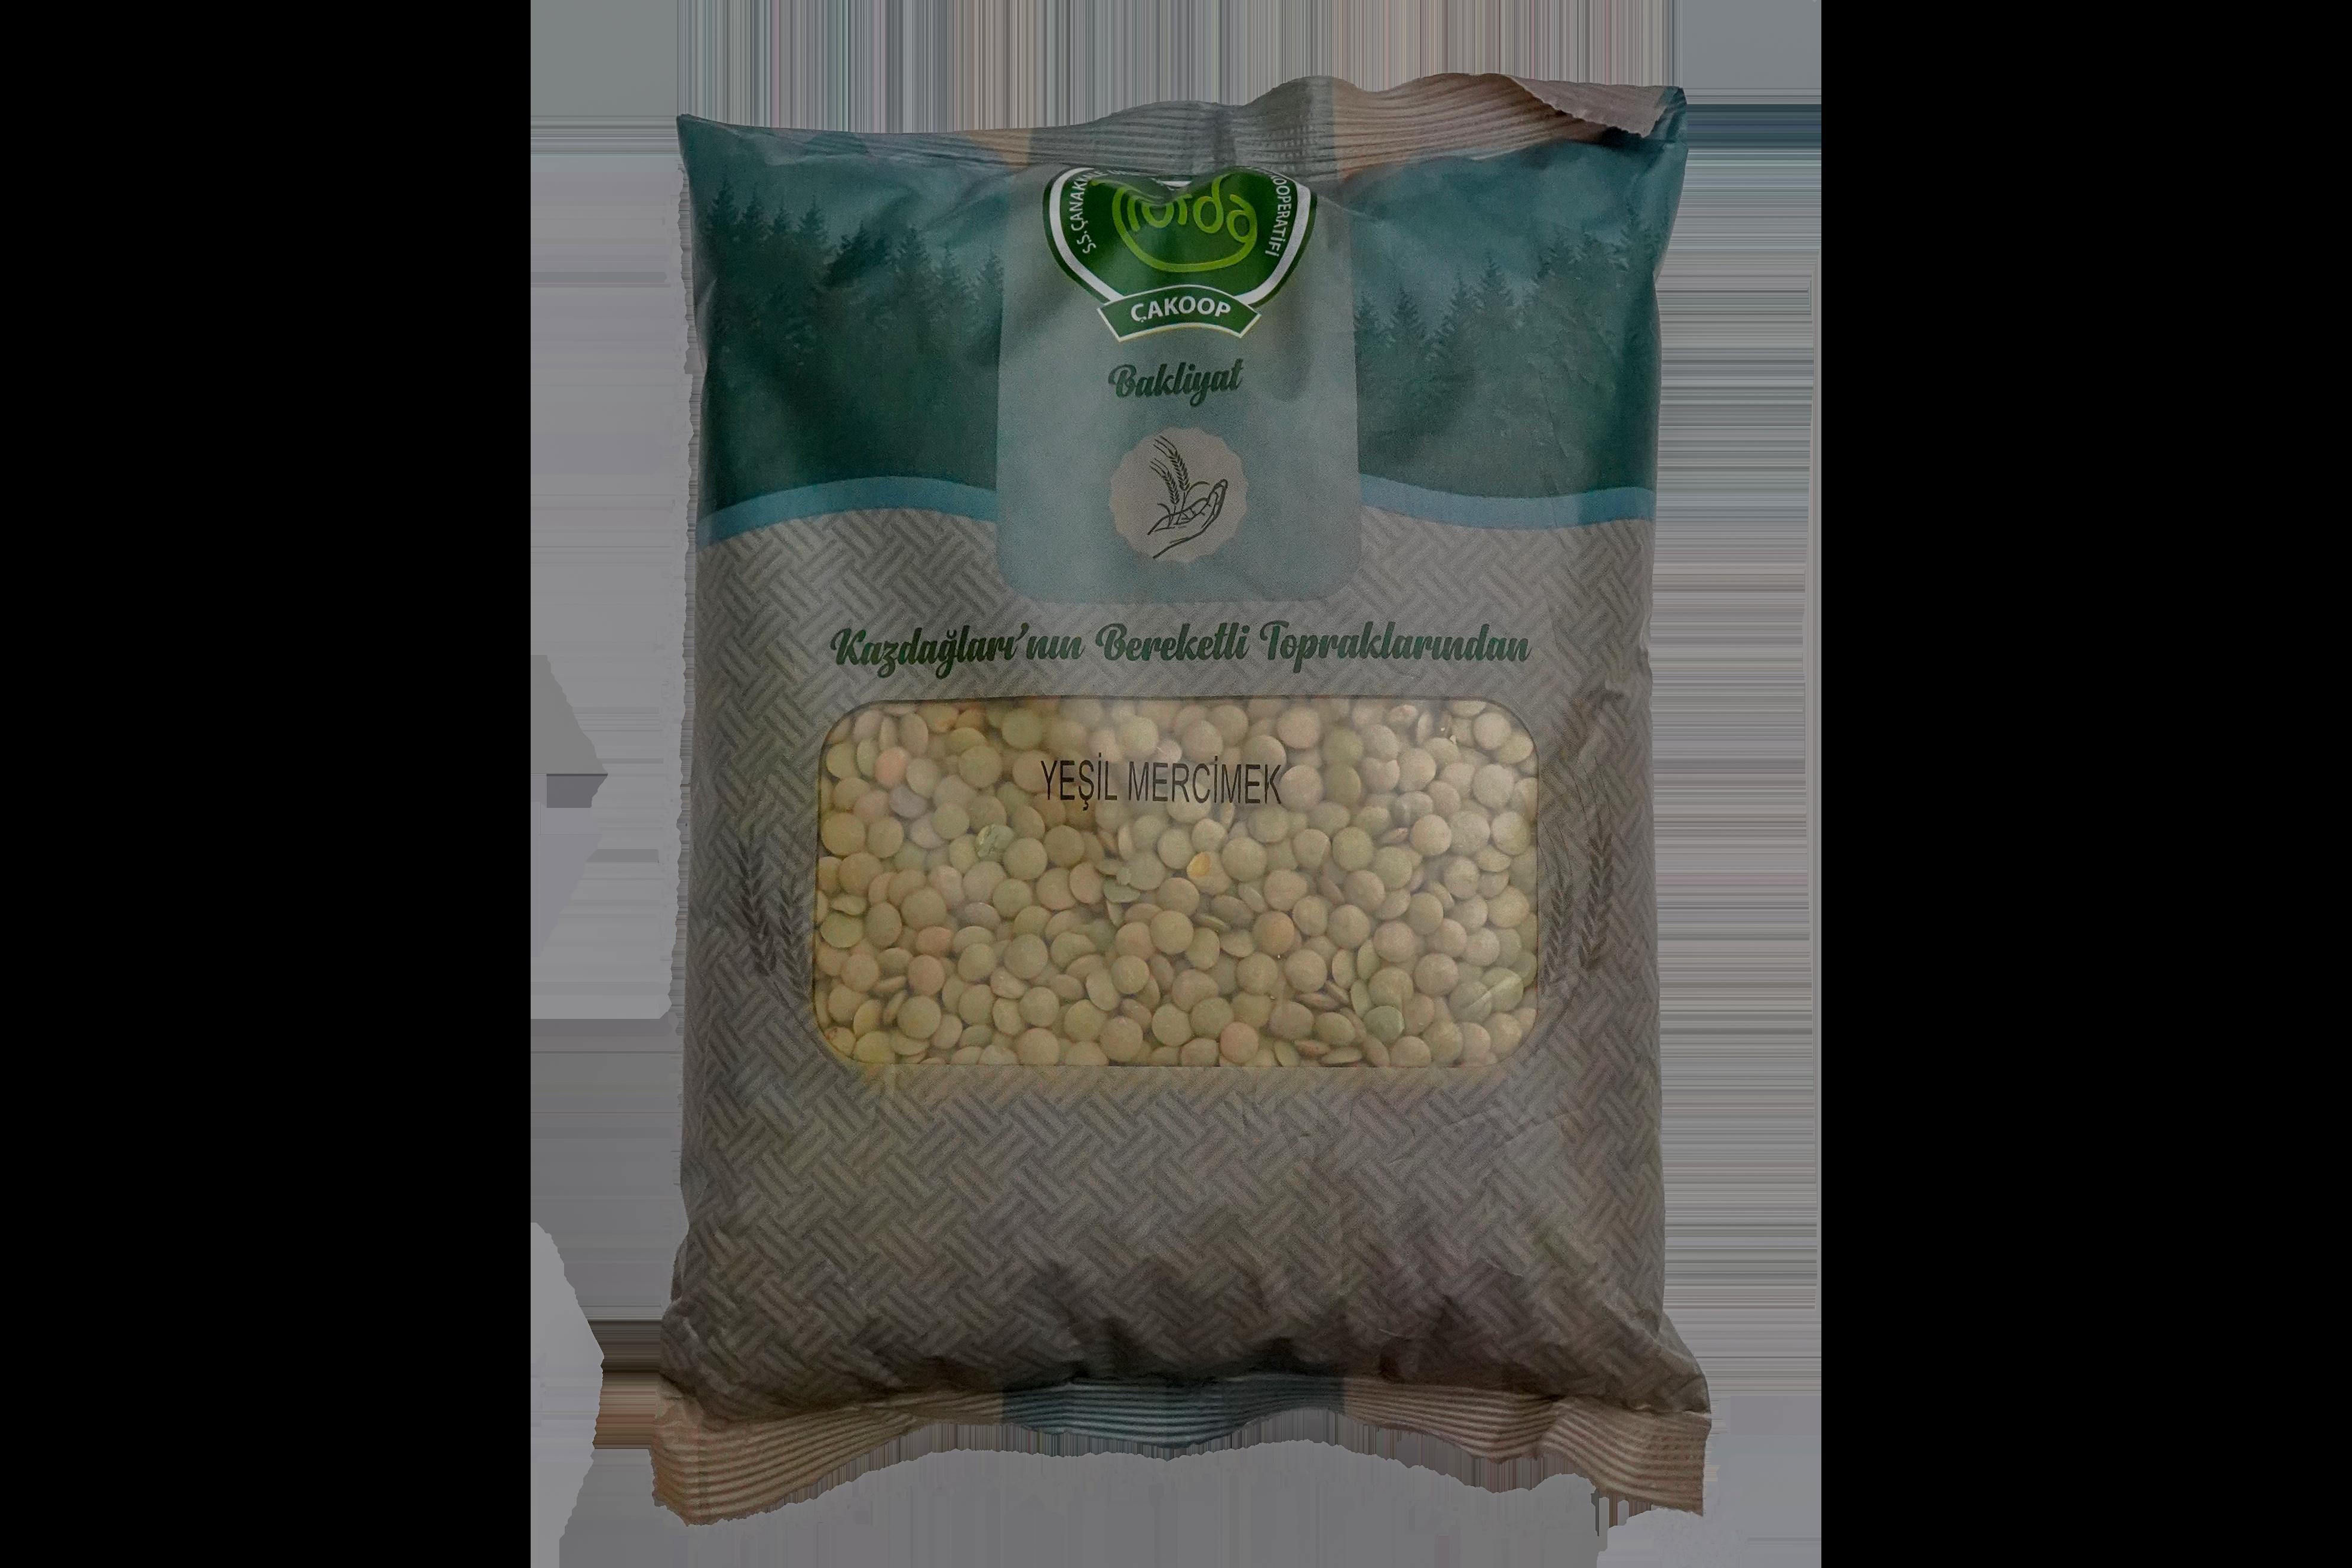 Çanakkale Cakkop Yeşil Mercimek 1 kg